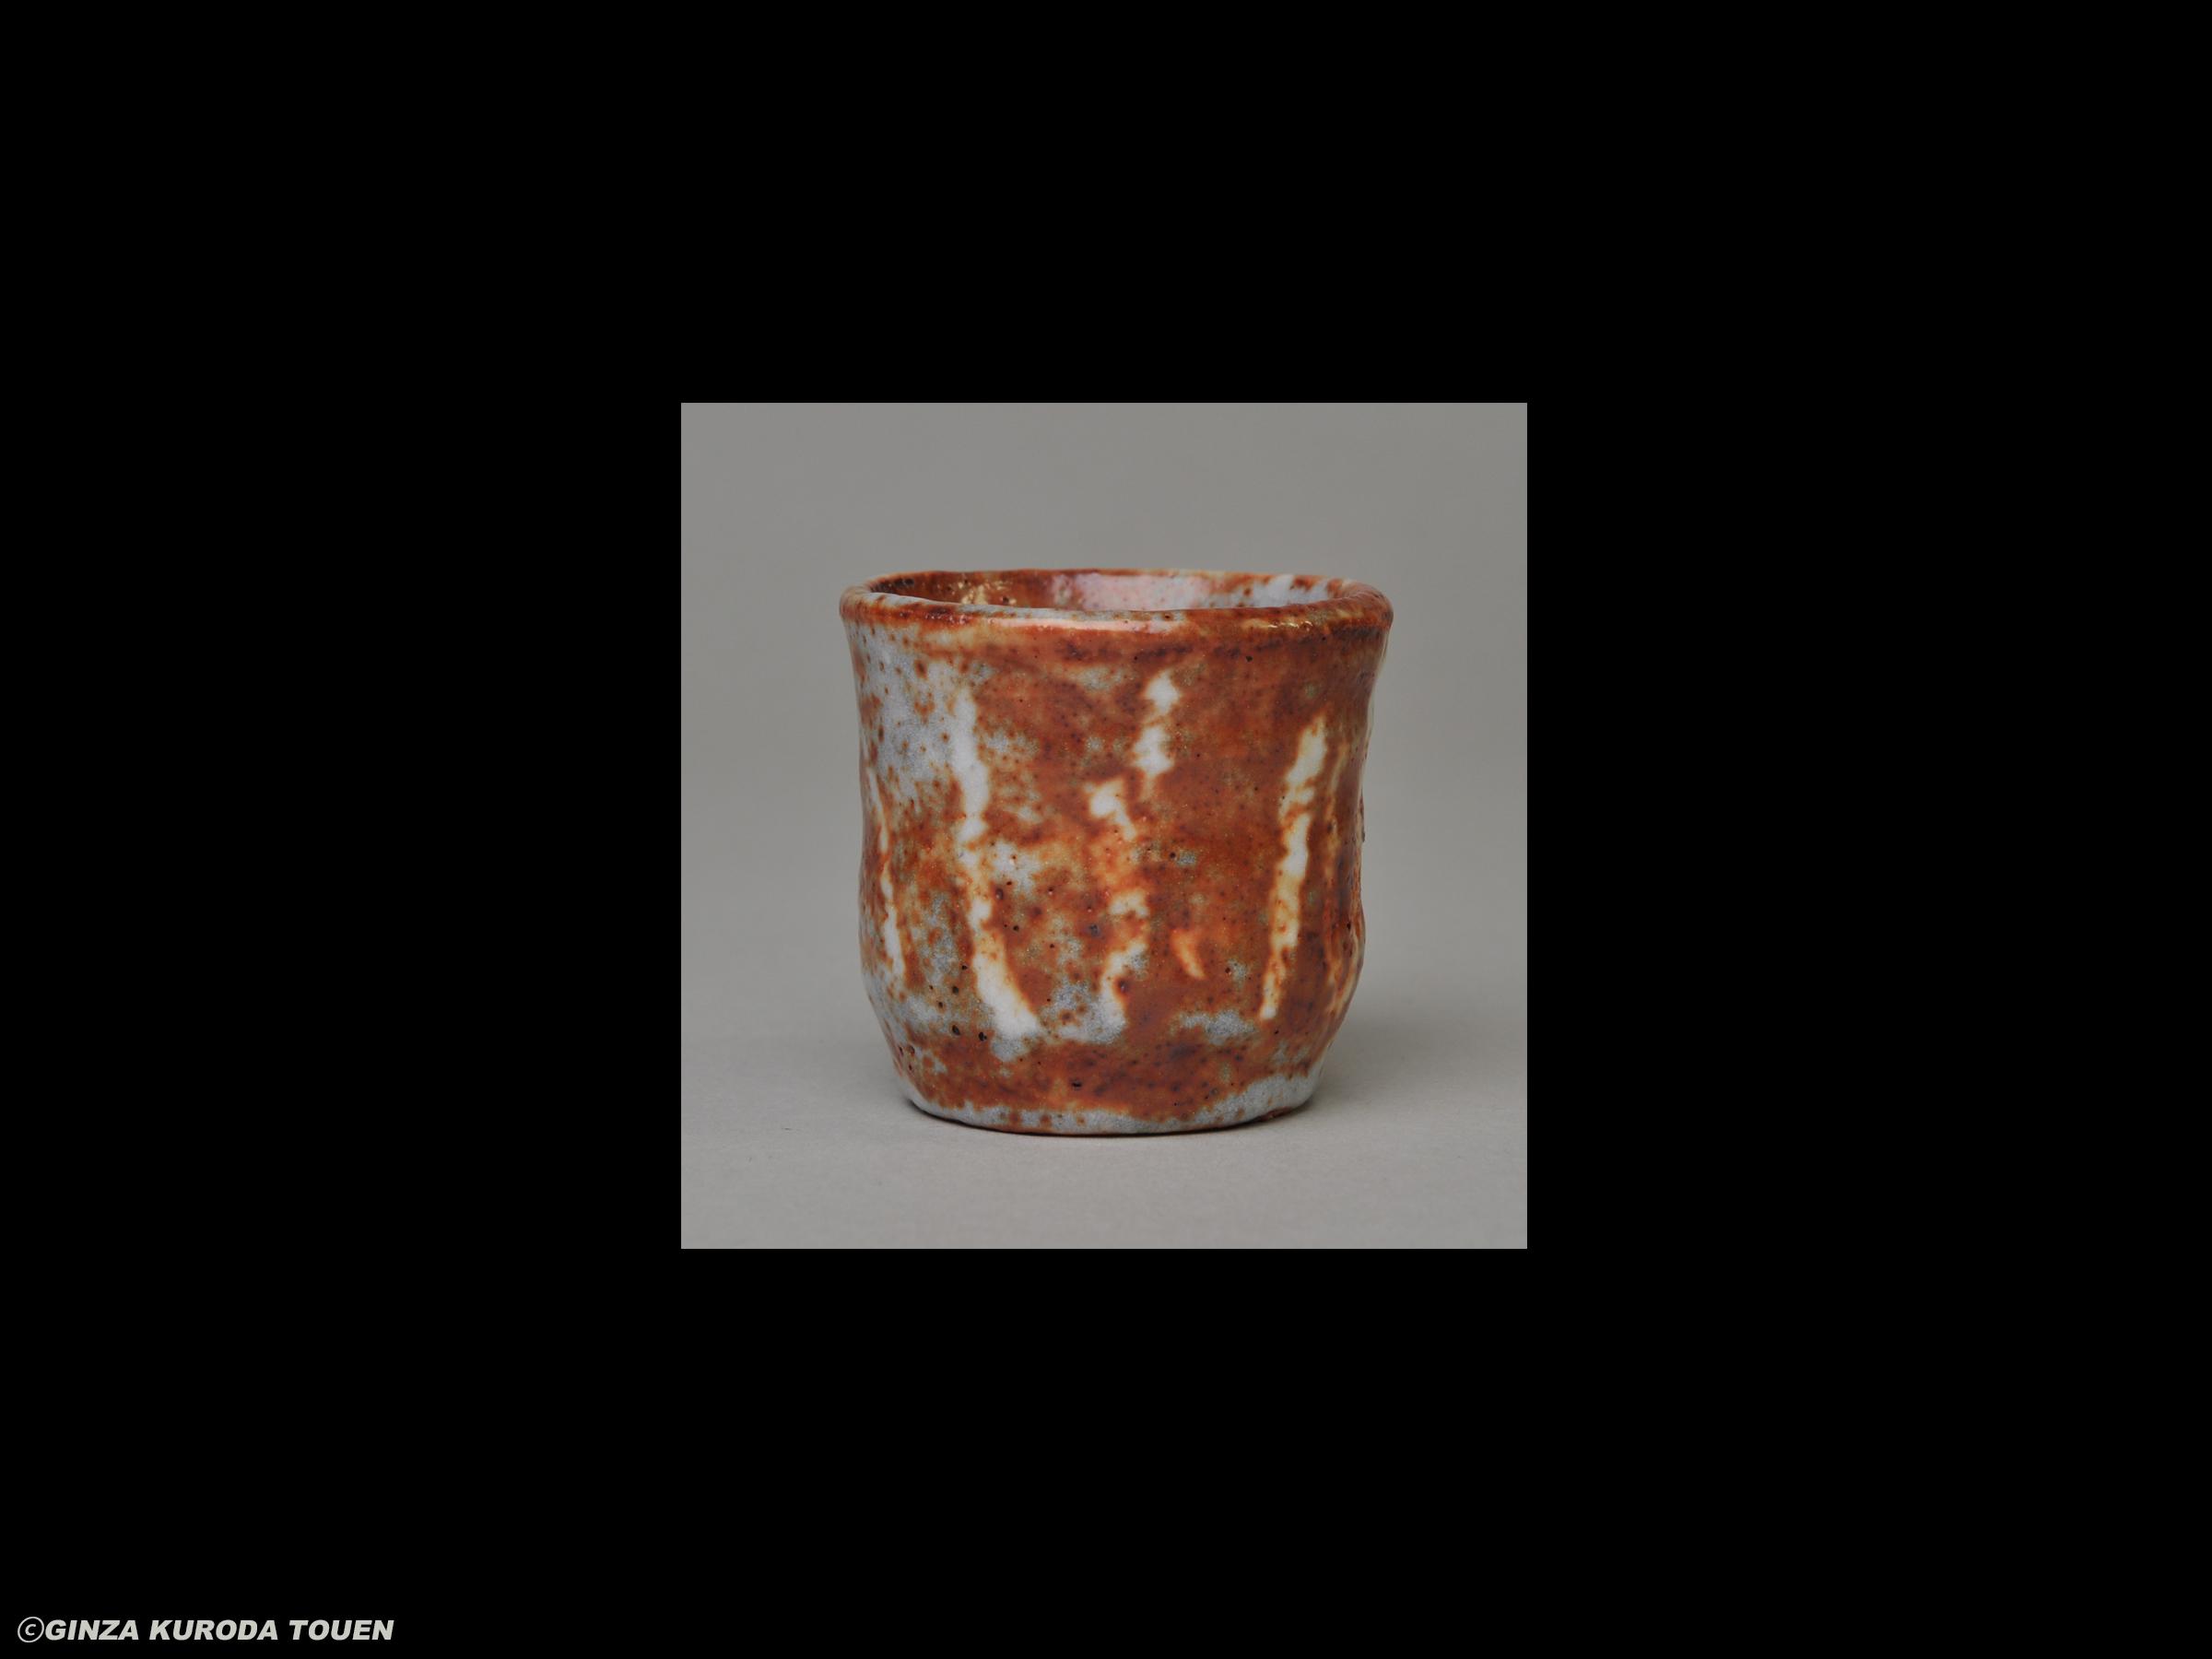 Rosanjin Kitaoji: Sake cup, Red Shino type